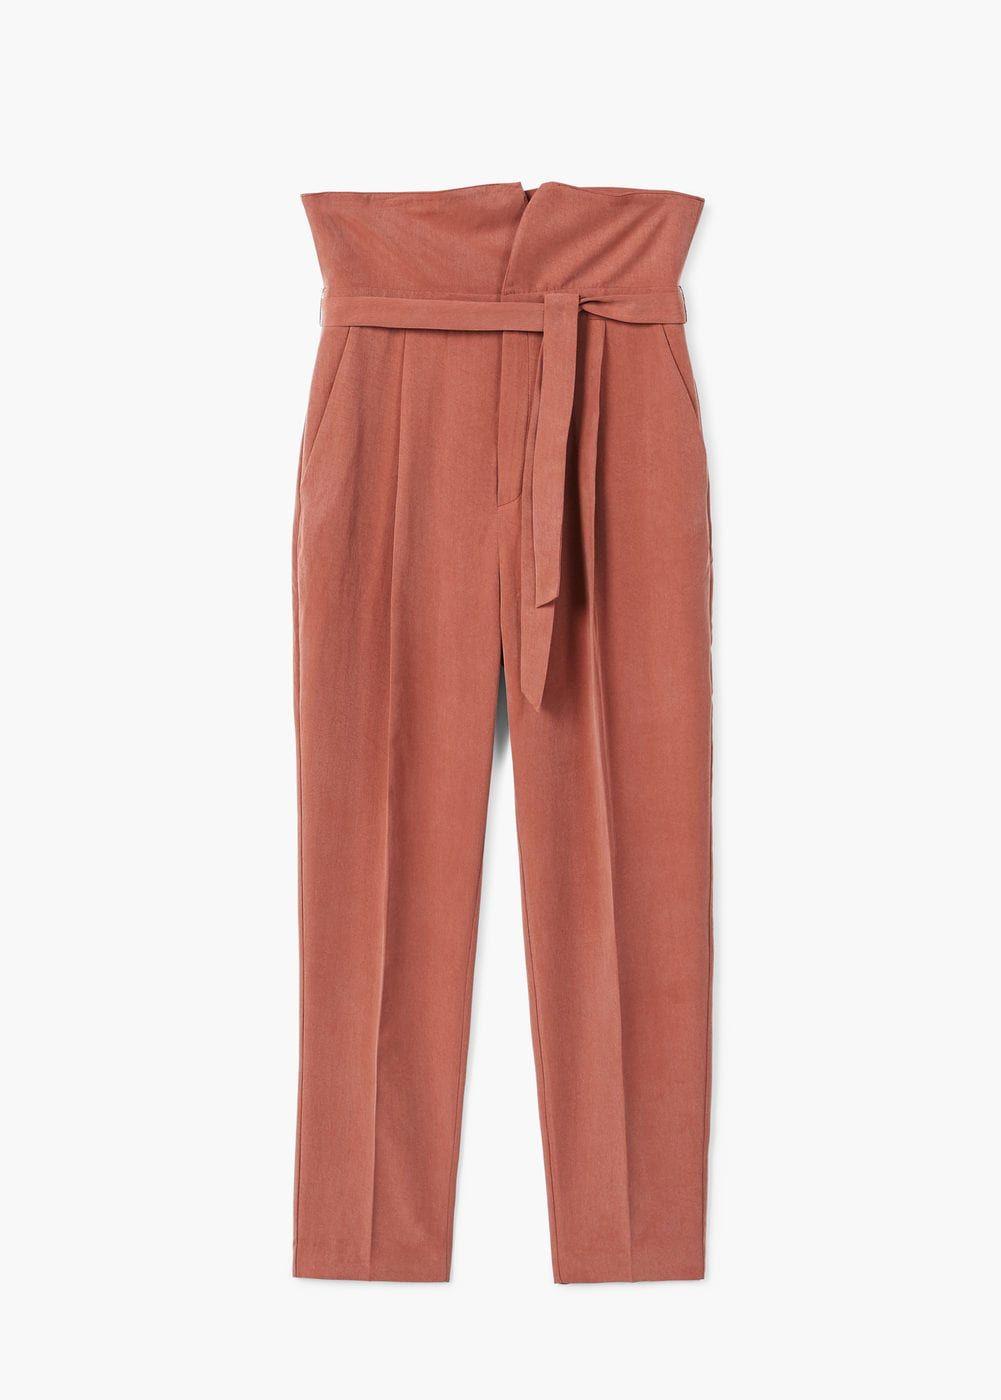 Pantalón cinturón lazo - Mujer  484dd5f98e1f